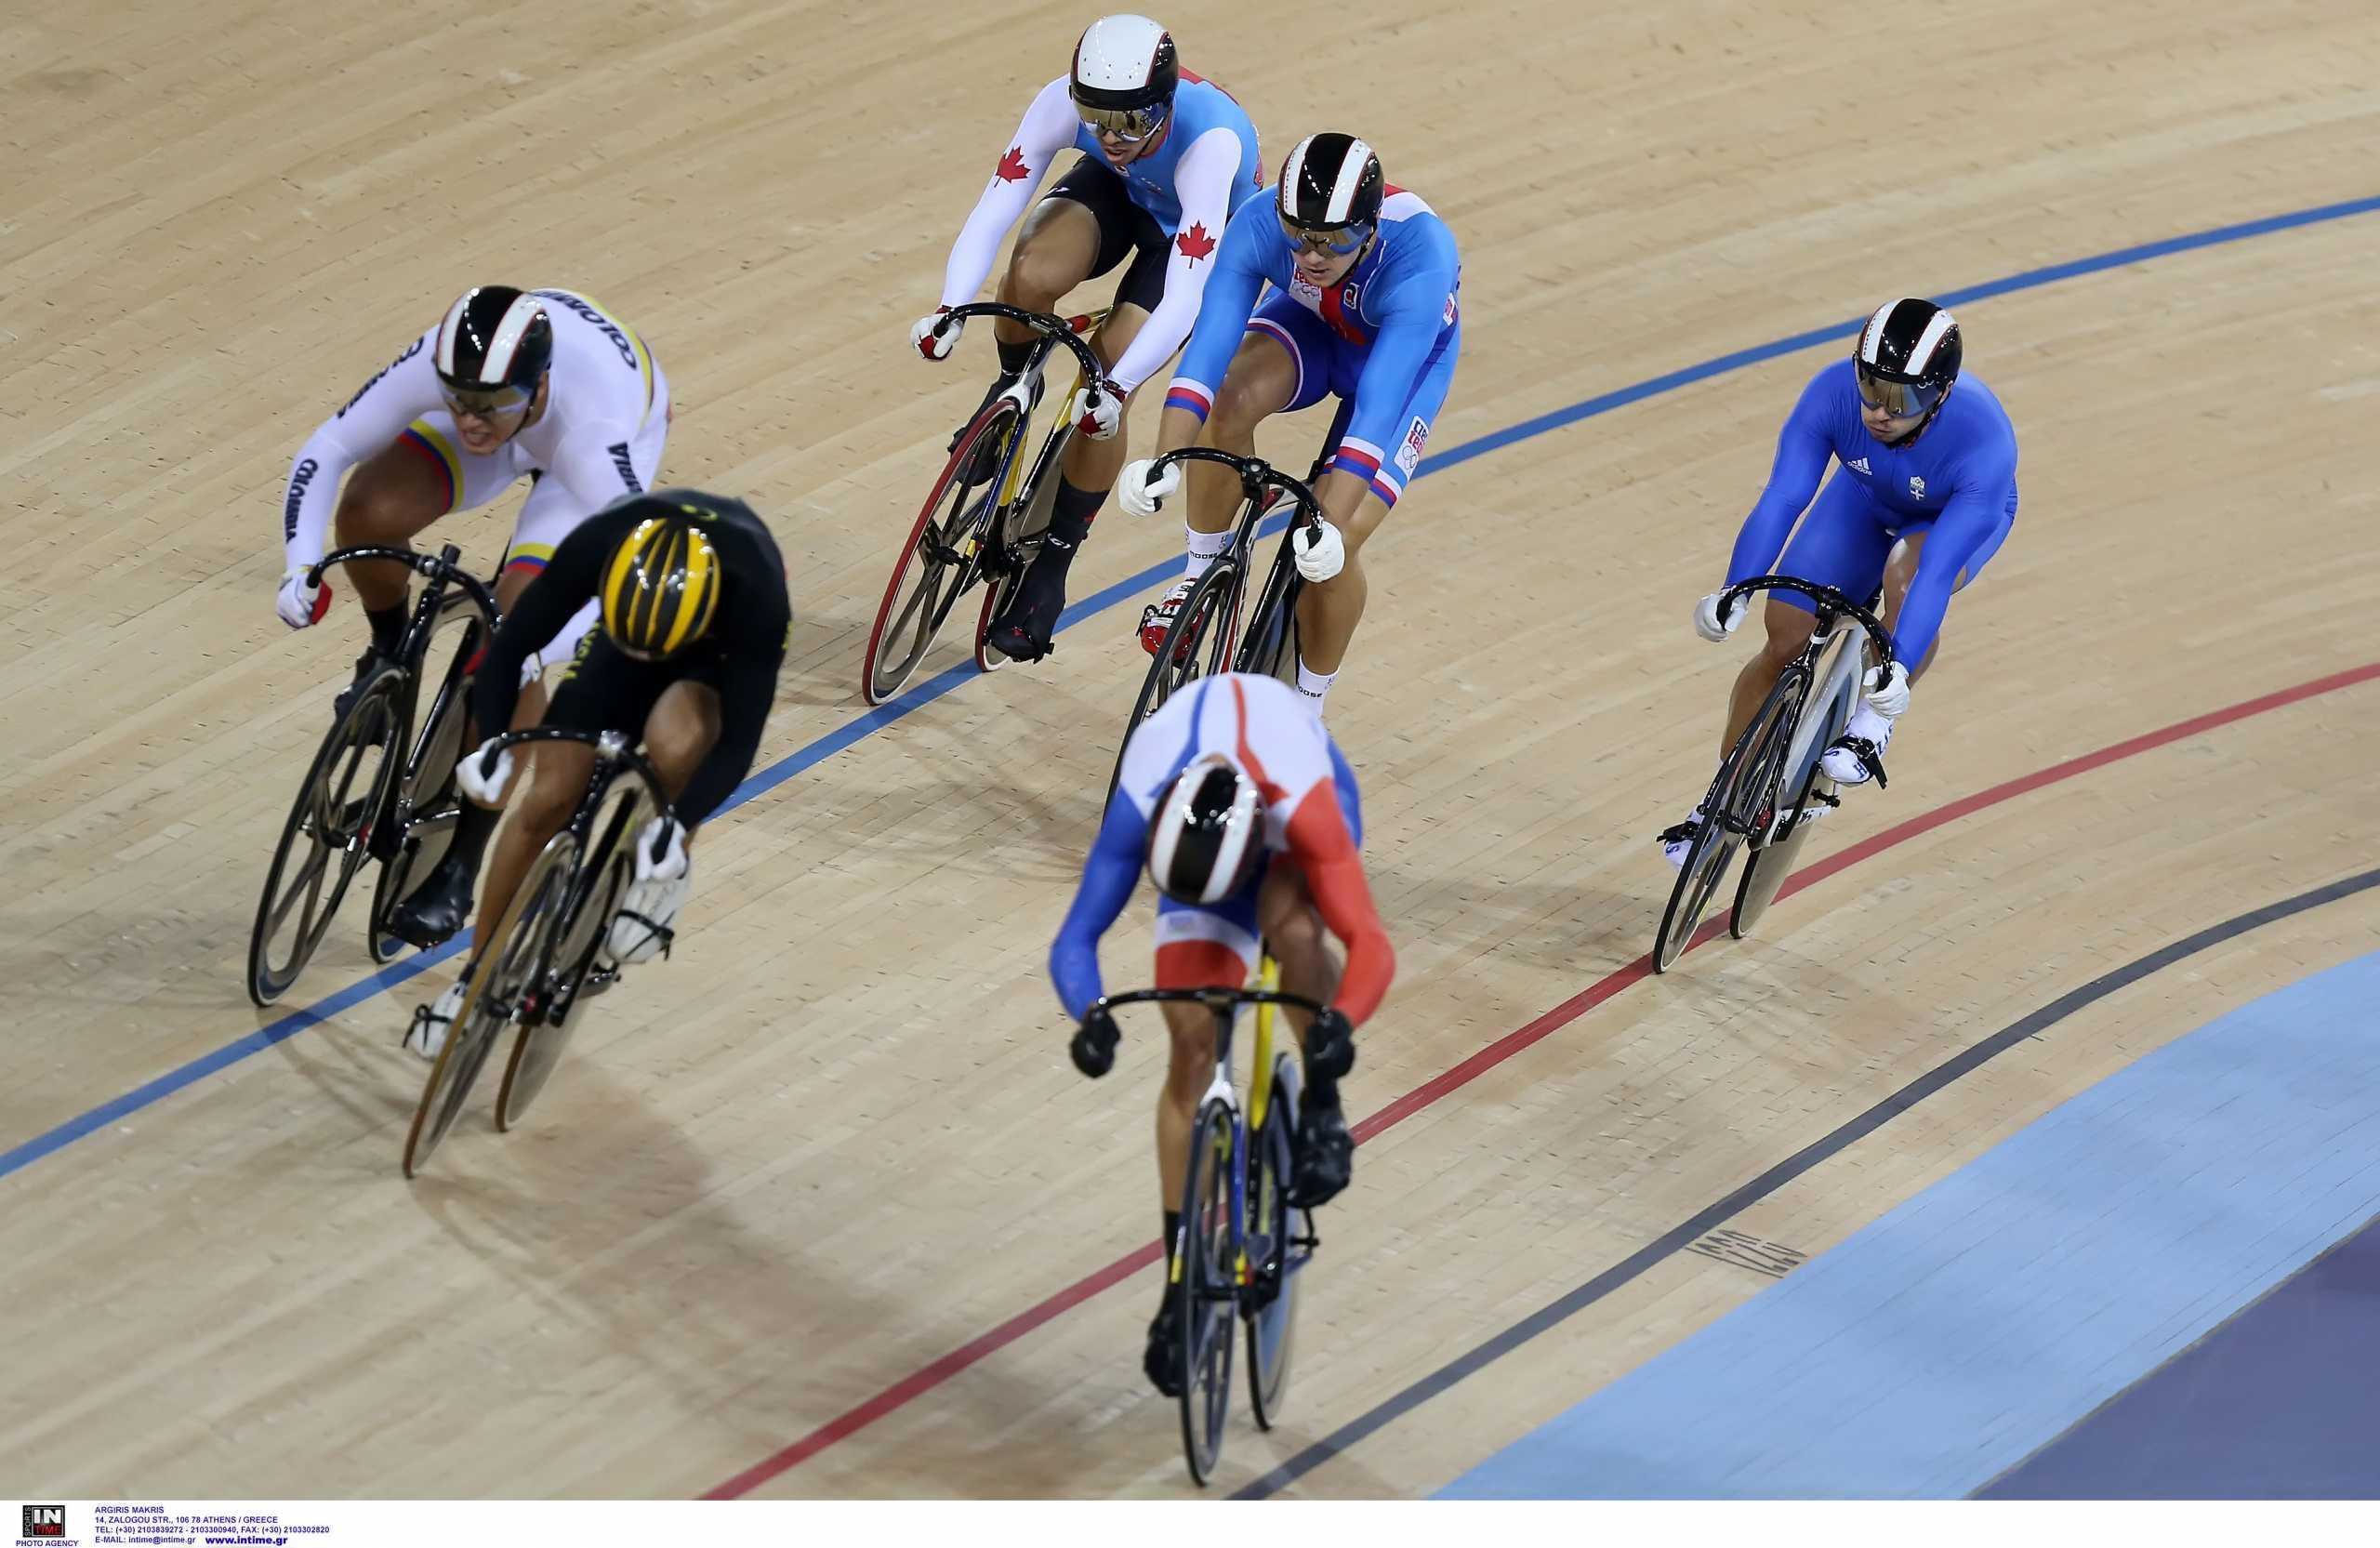 Λευκορωσία: Ακυρώθηκε το Eυρωπαϊκό πρωτάθλημα ποδηλασίας